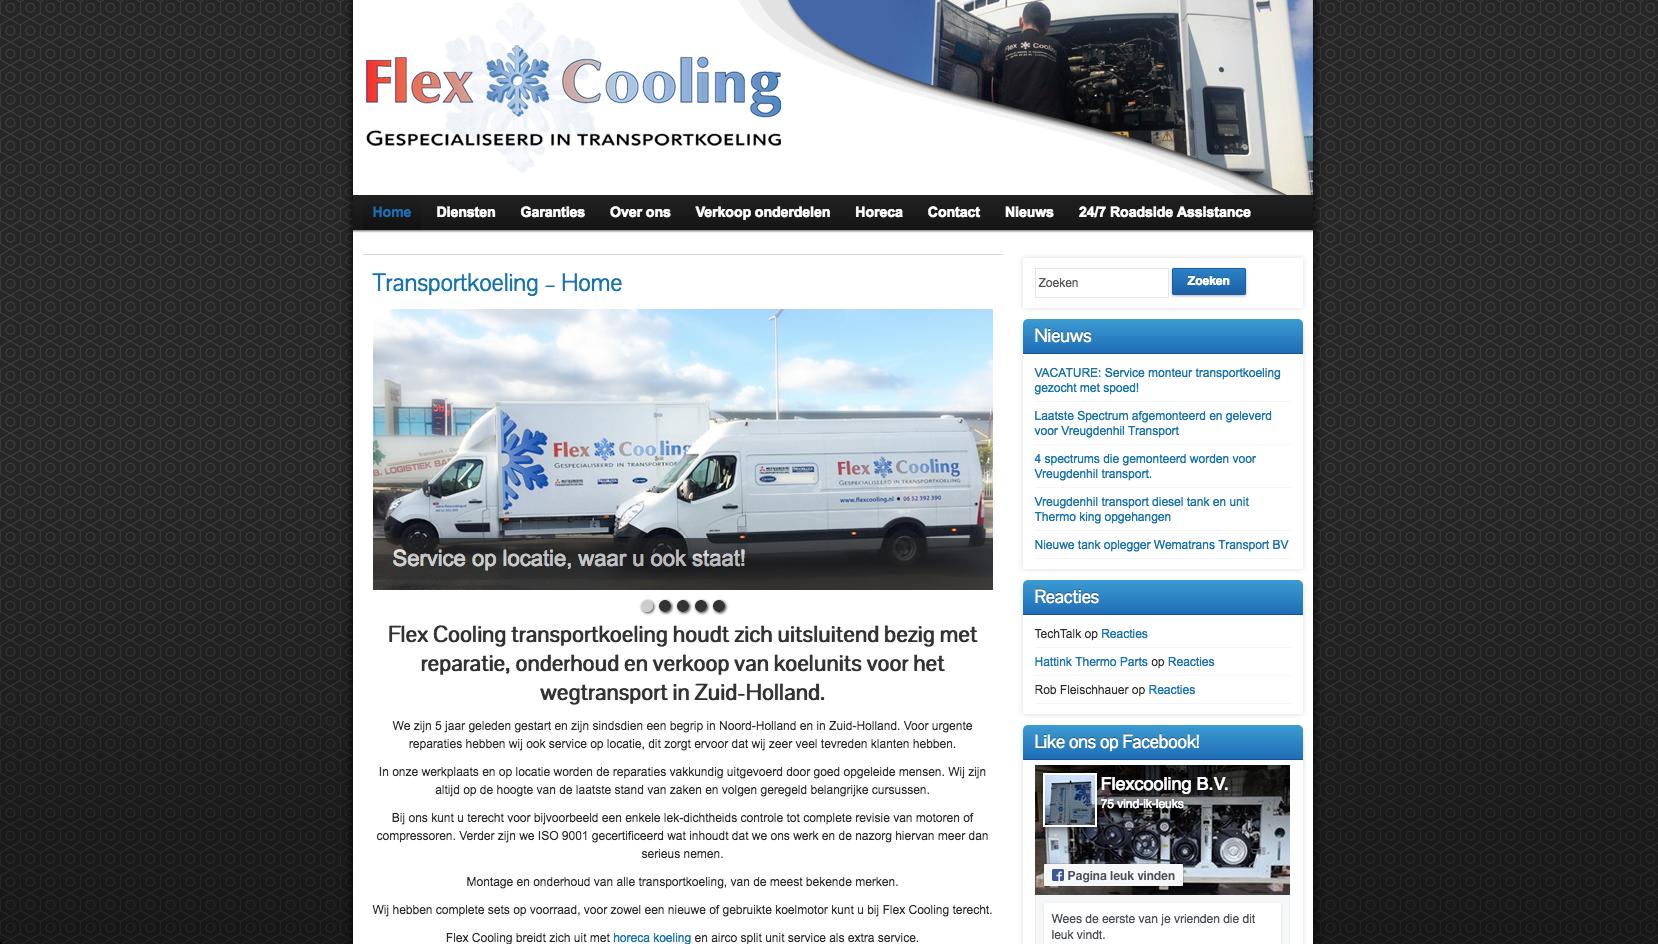 Flex Cooling